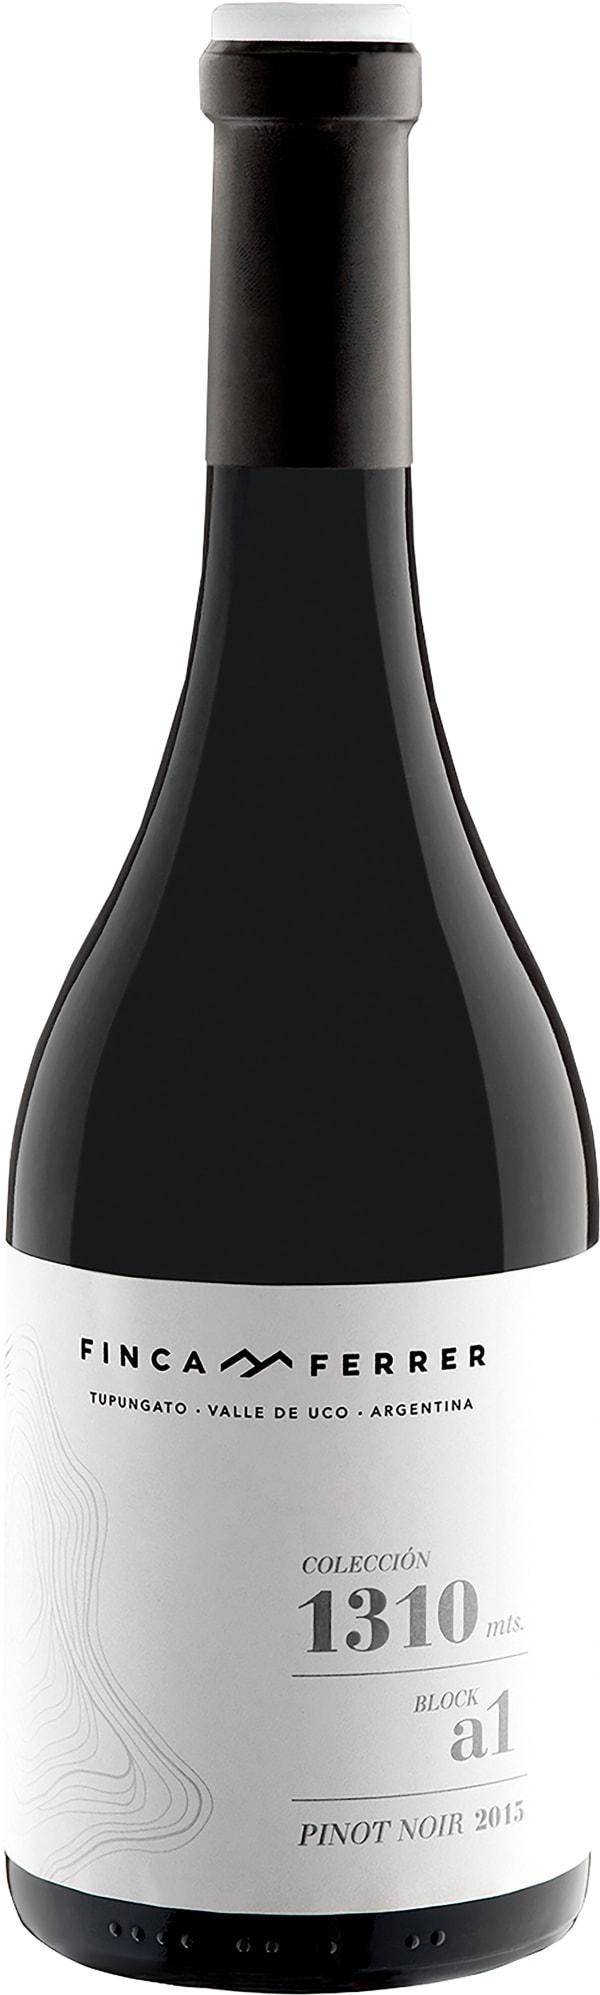 Finca Ferrer Colección 1310 mts. Block A1 Pinot Noir 2015